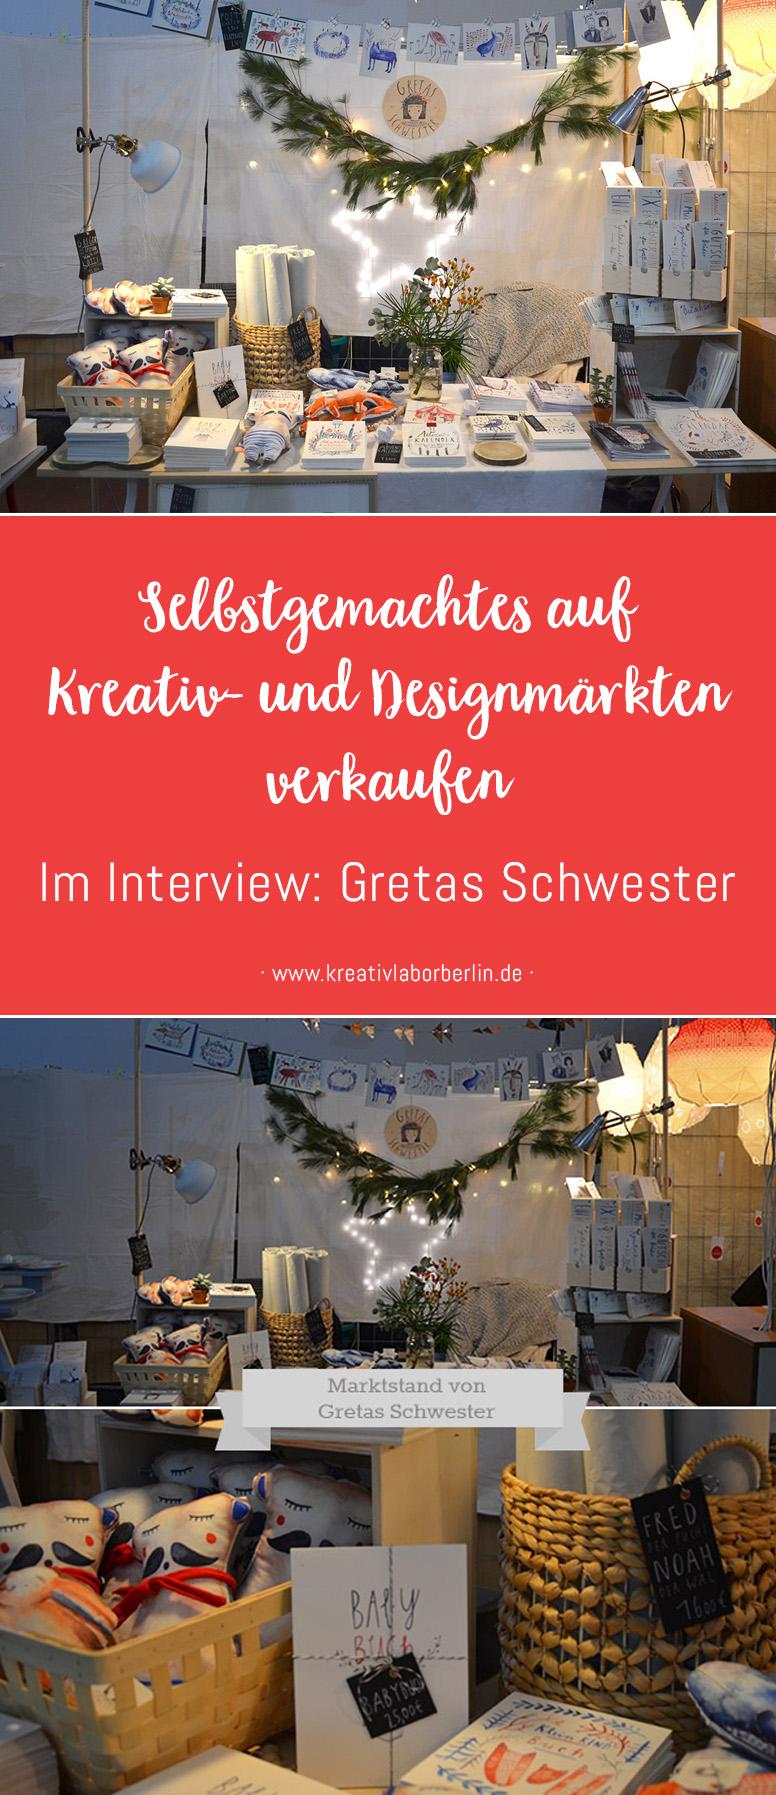 Selbstgemachtes auf Kreativ- und Designmärkten verkaufen: Gretas Schwester